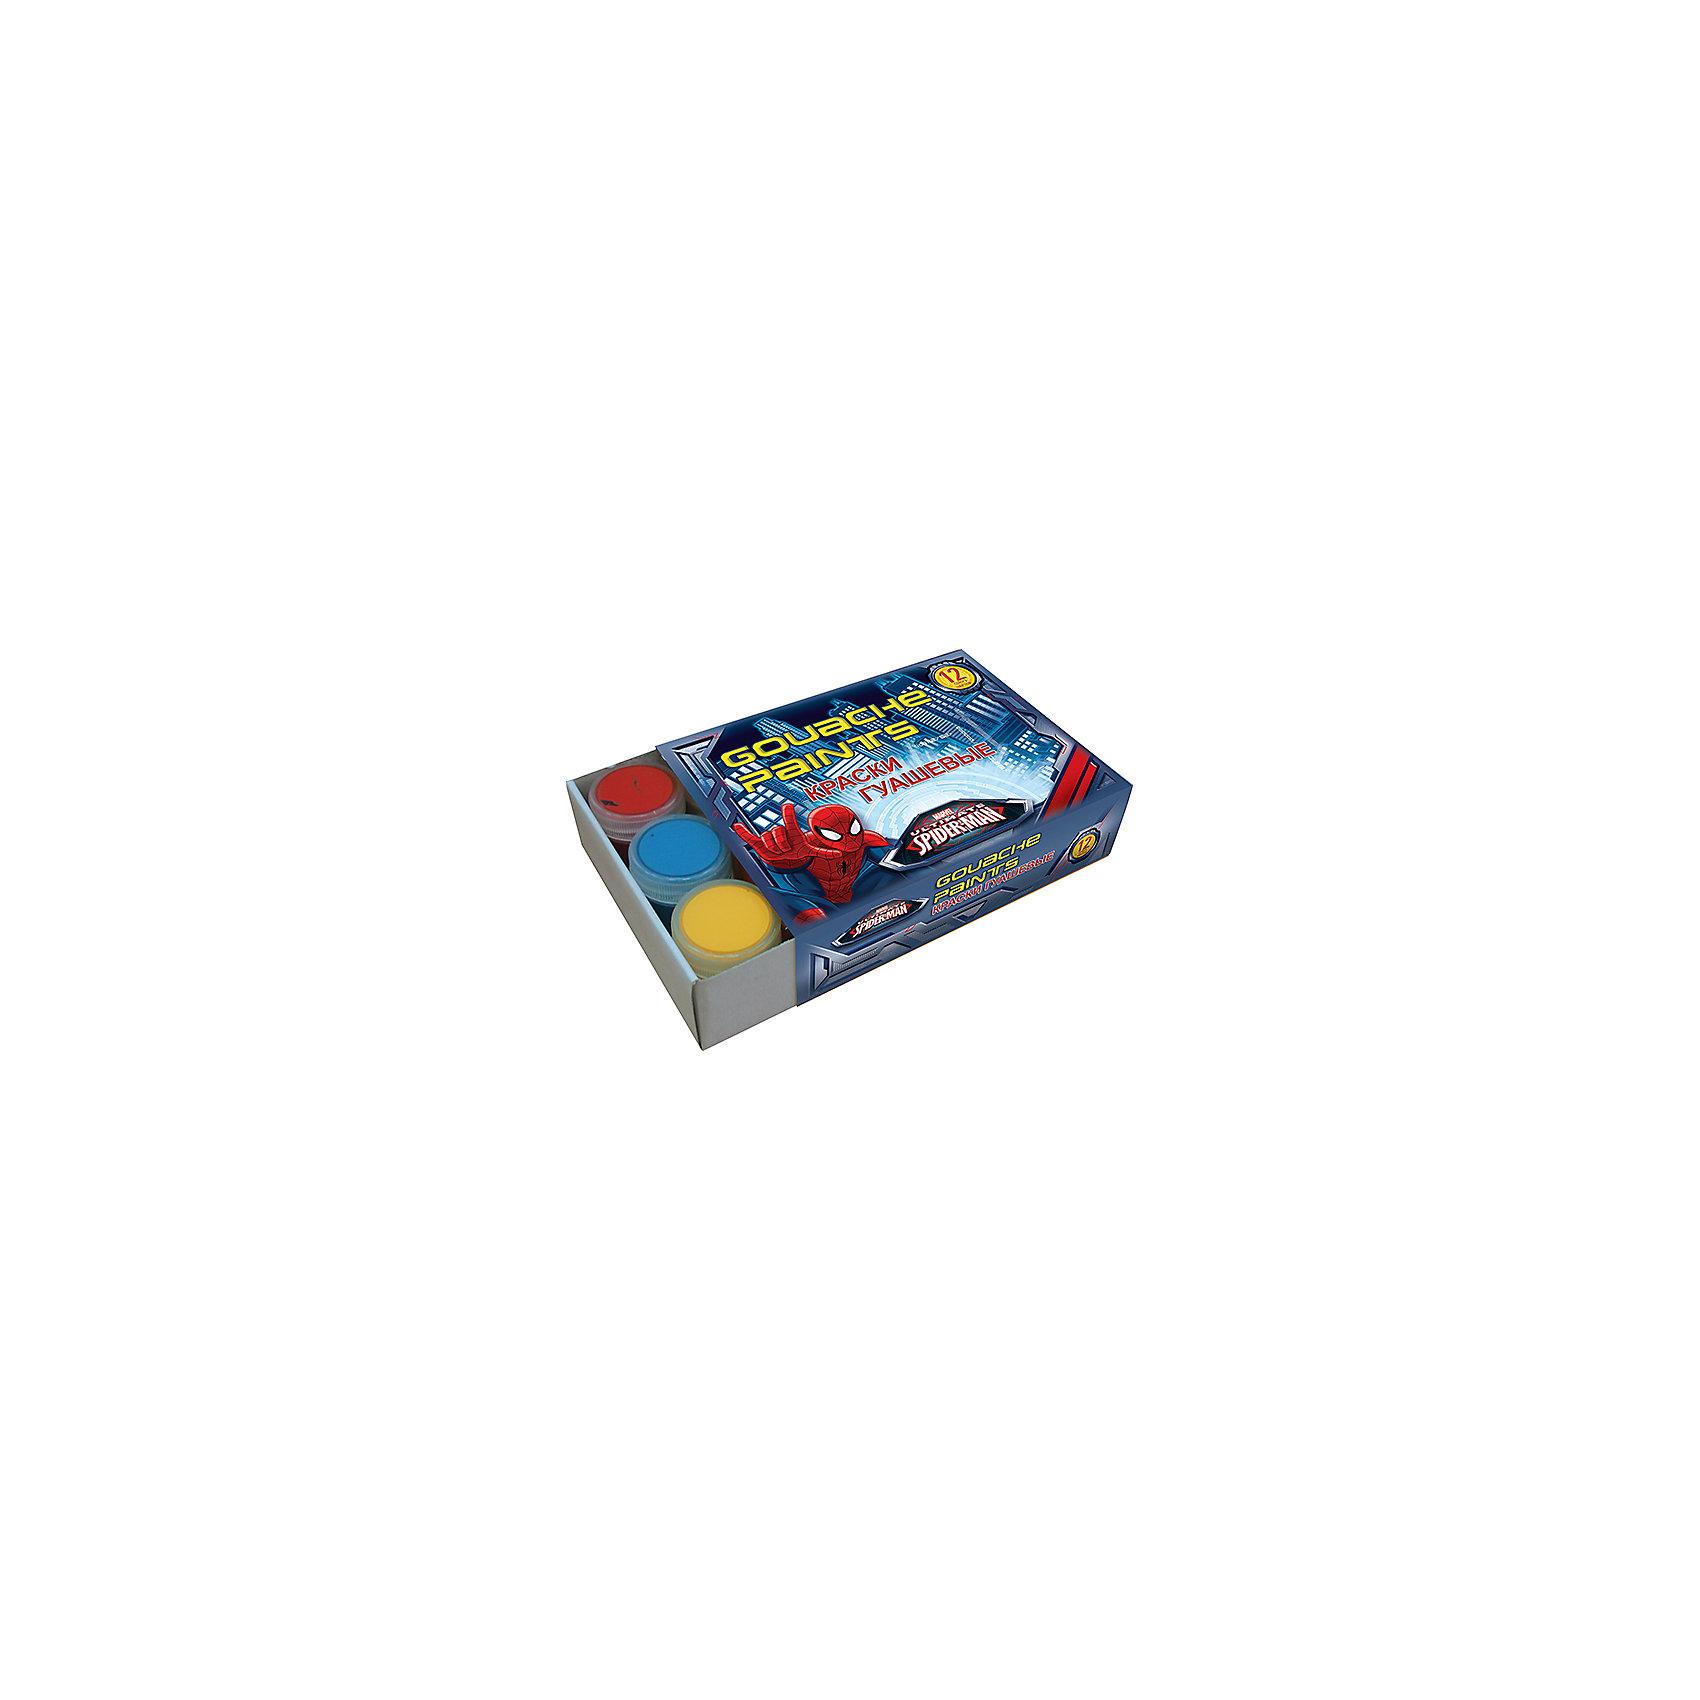 Академия групп Гуашь 12 цветов, Человек-Паук академия групп набор канцелярский в подарочной коробке человек паук